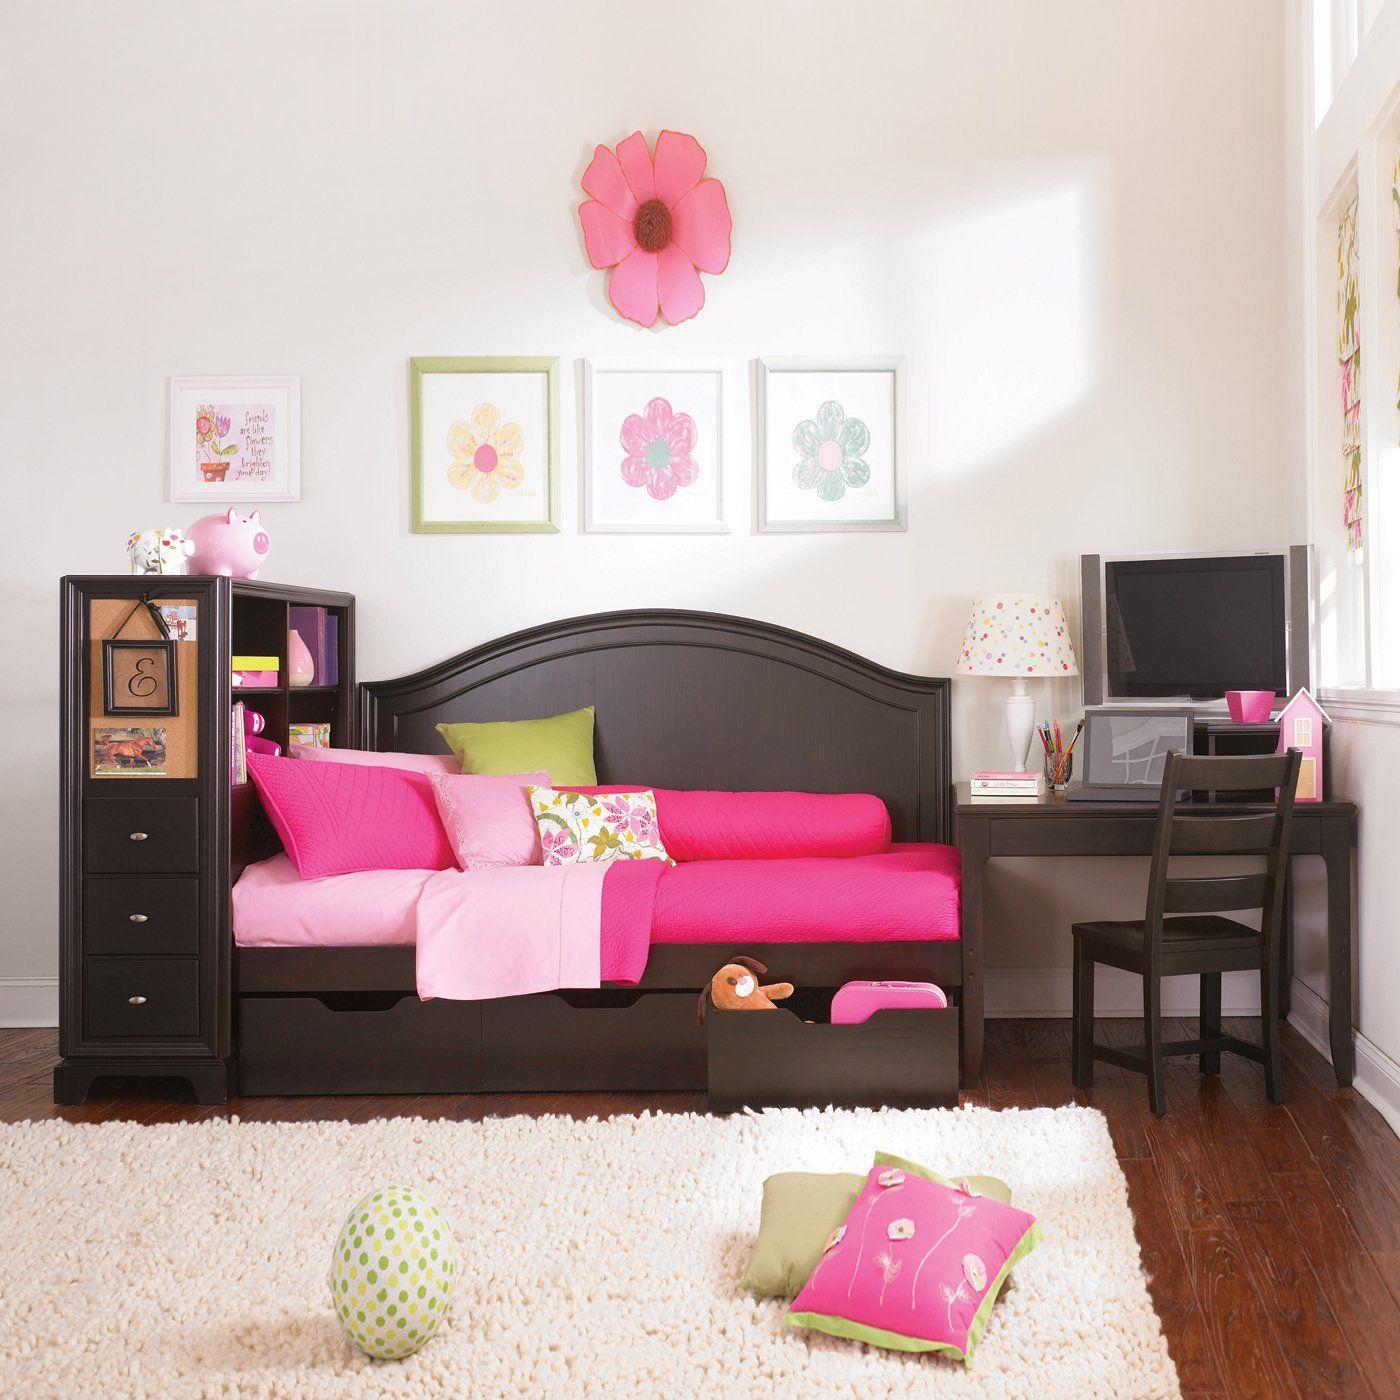 Bedroom Sets | Bedroom Furniture Sets | The Mine